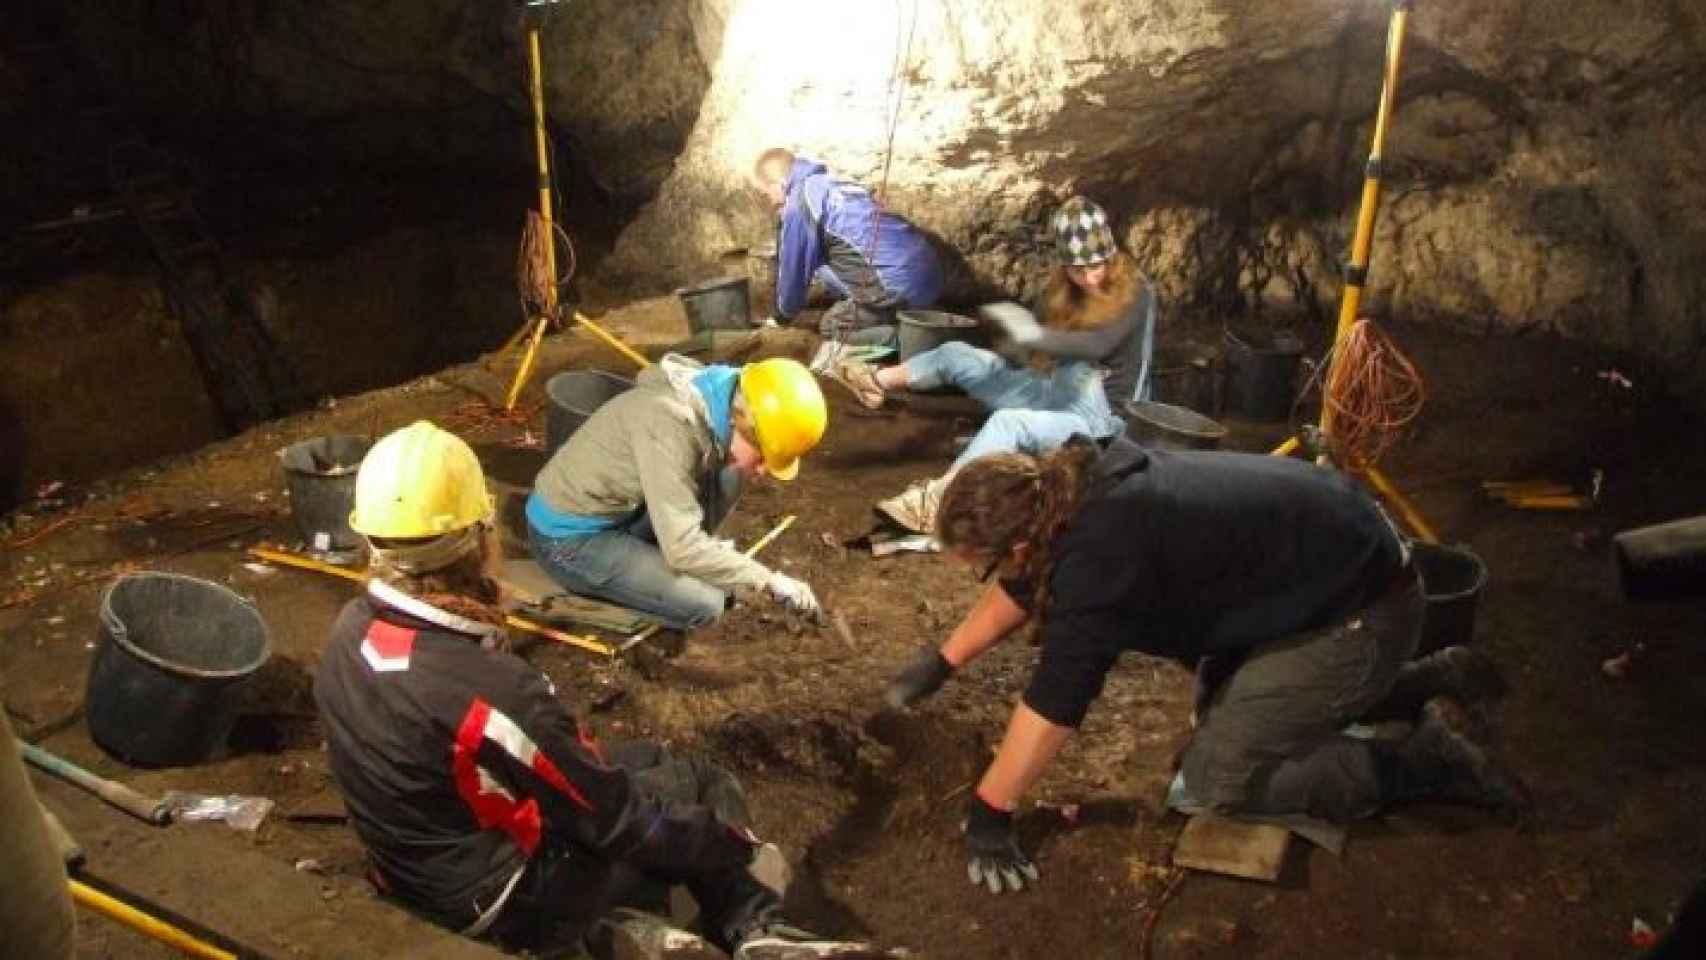 Imágenes de la excavación donde se encontraron los restos del niño devorado por un pájaro gigante.